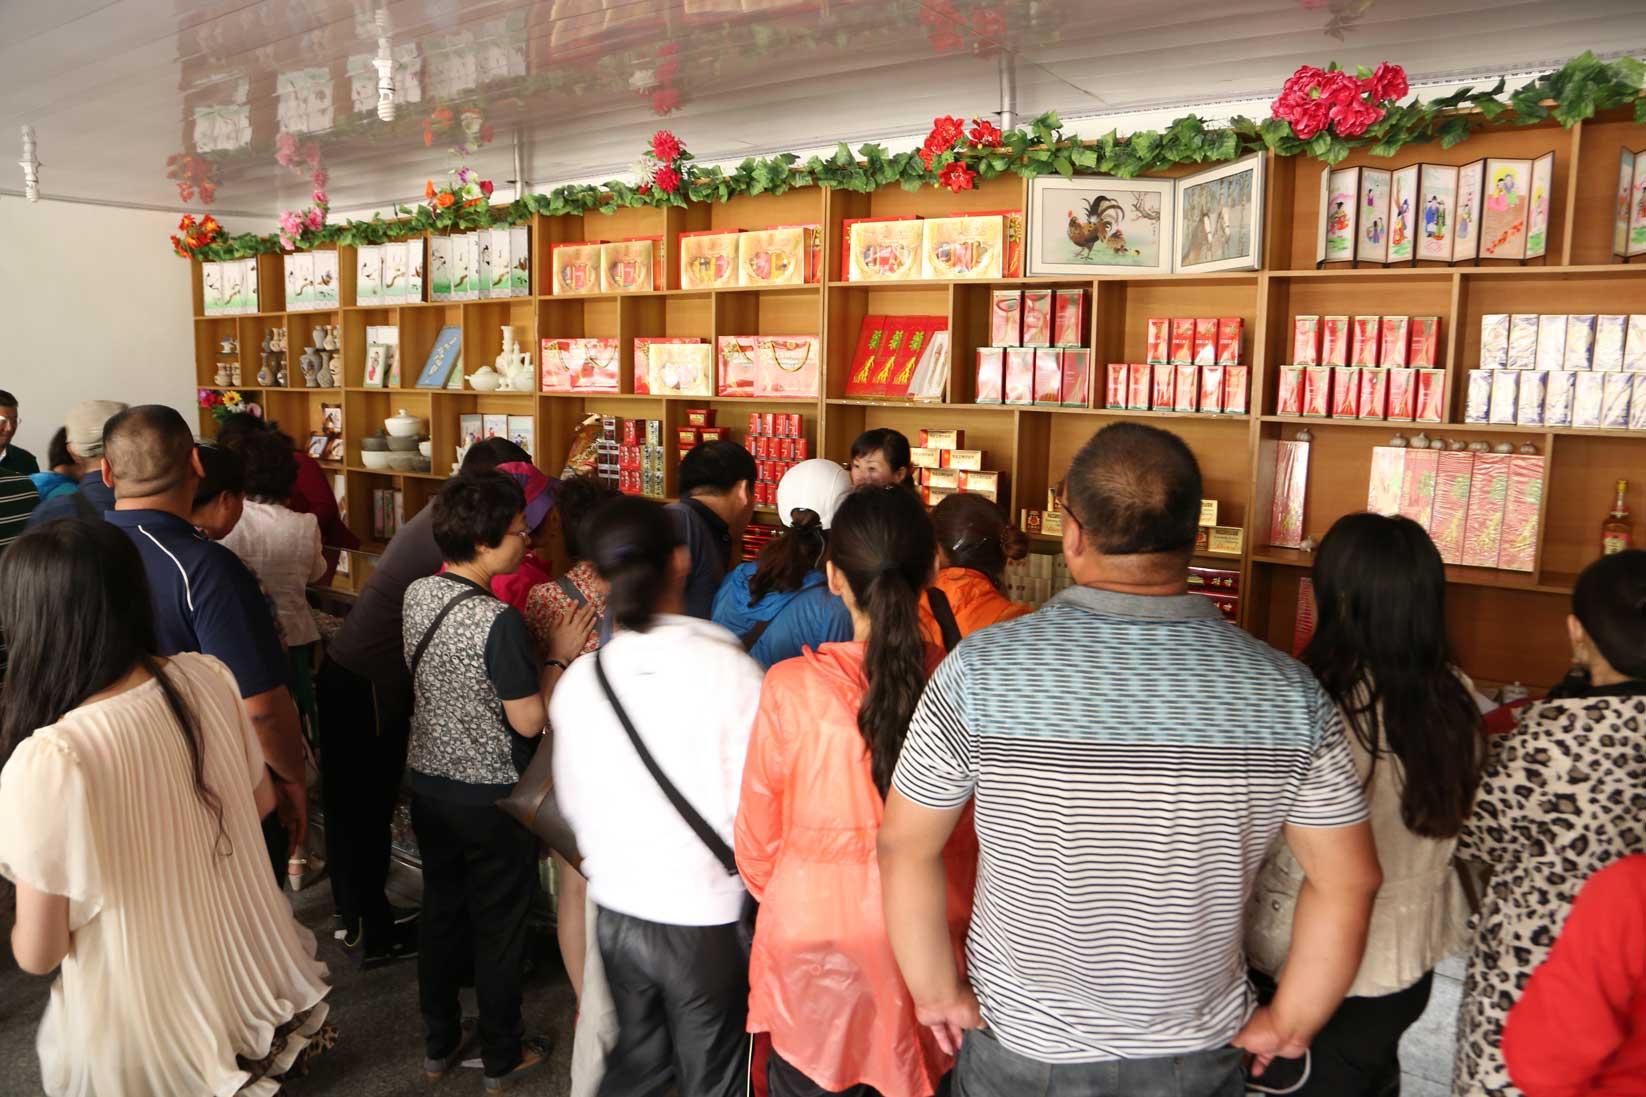 羅先(北朝鮮)で見かけた中国人観光客たち_b0235153_16213875.jpg